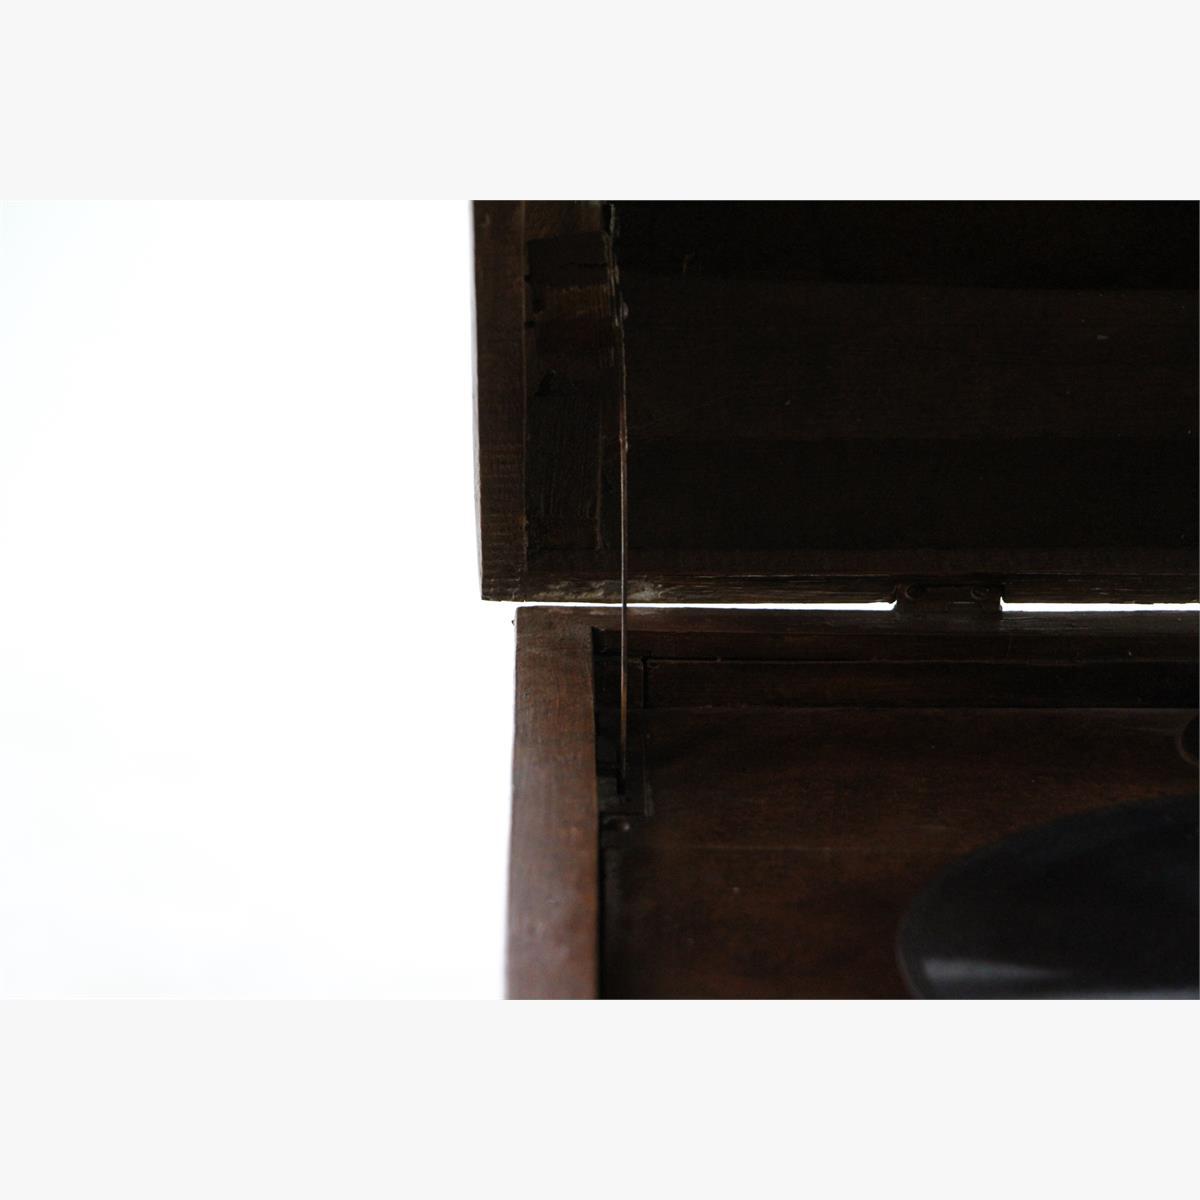 Afbeeldingen van oiude grammofoonspeler